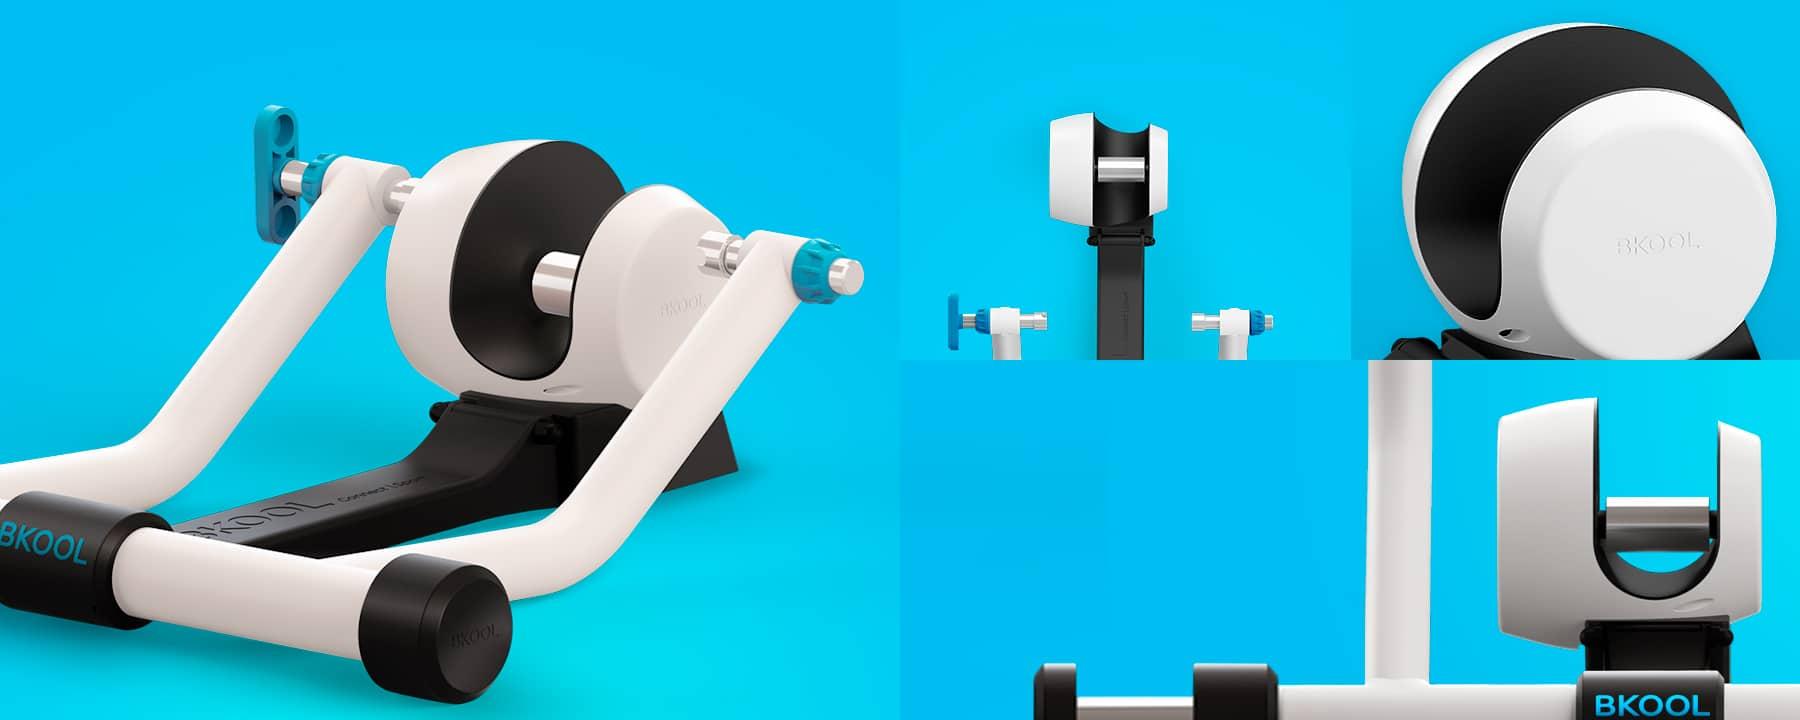 Bkool Smart Go + Simulador